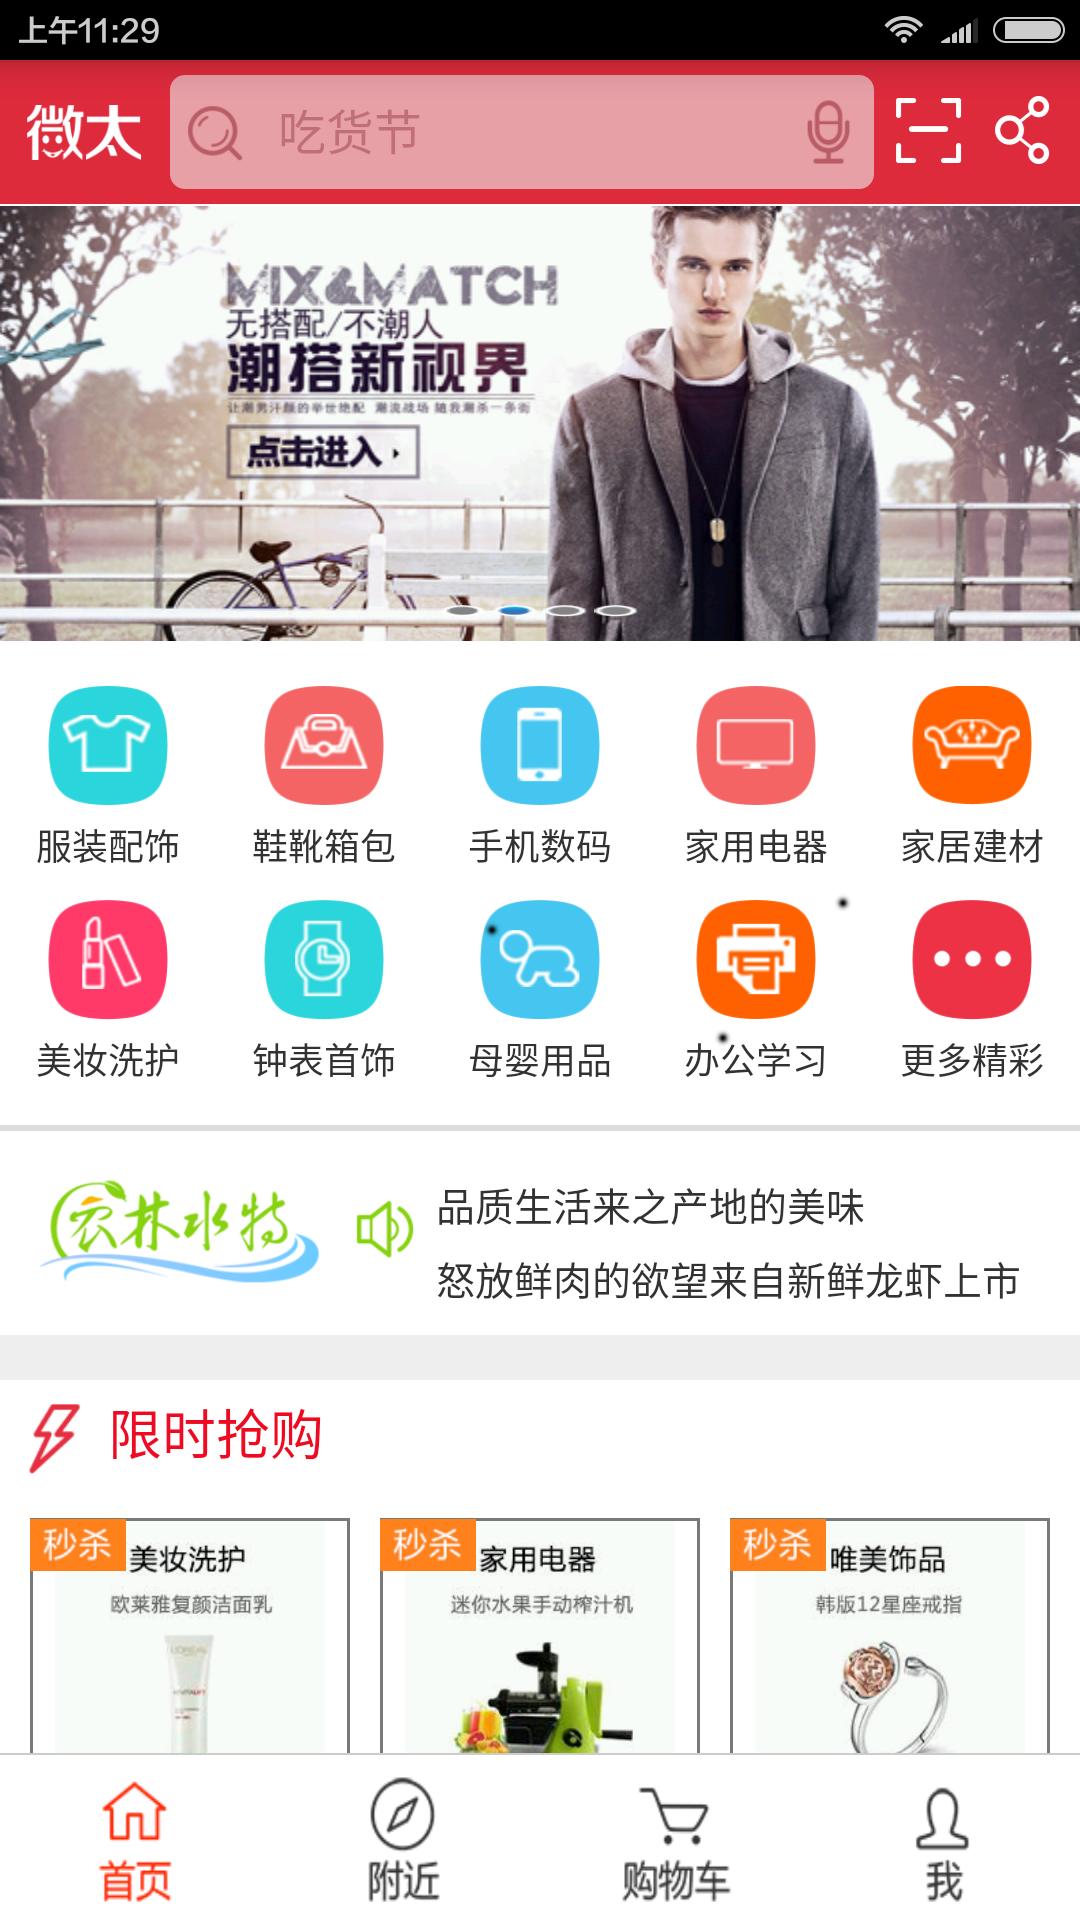 微太网下载安卓最新版_微太网私密手机版免费视频官方相册图片